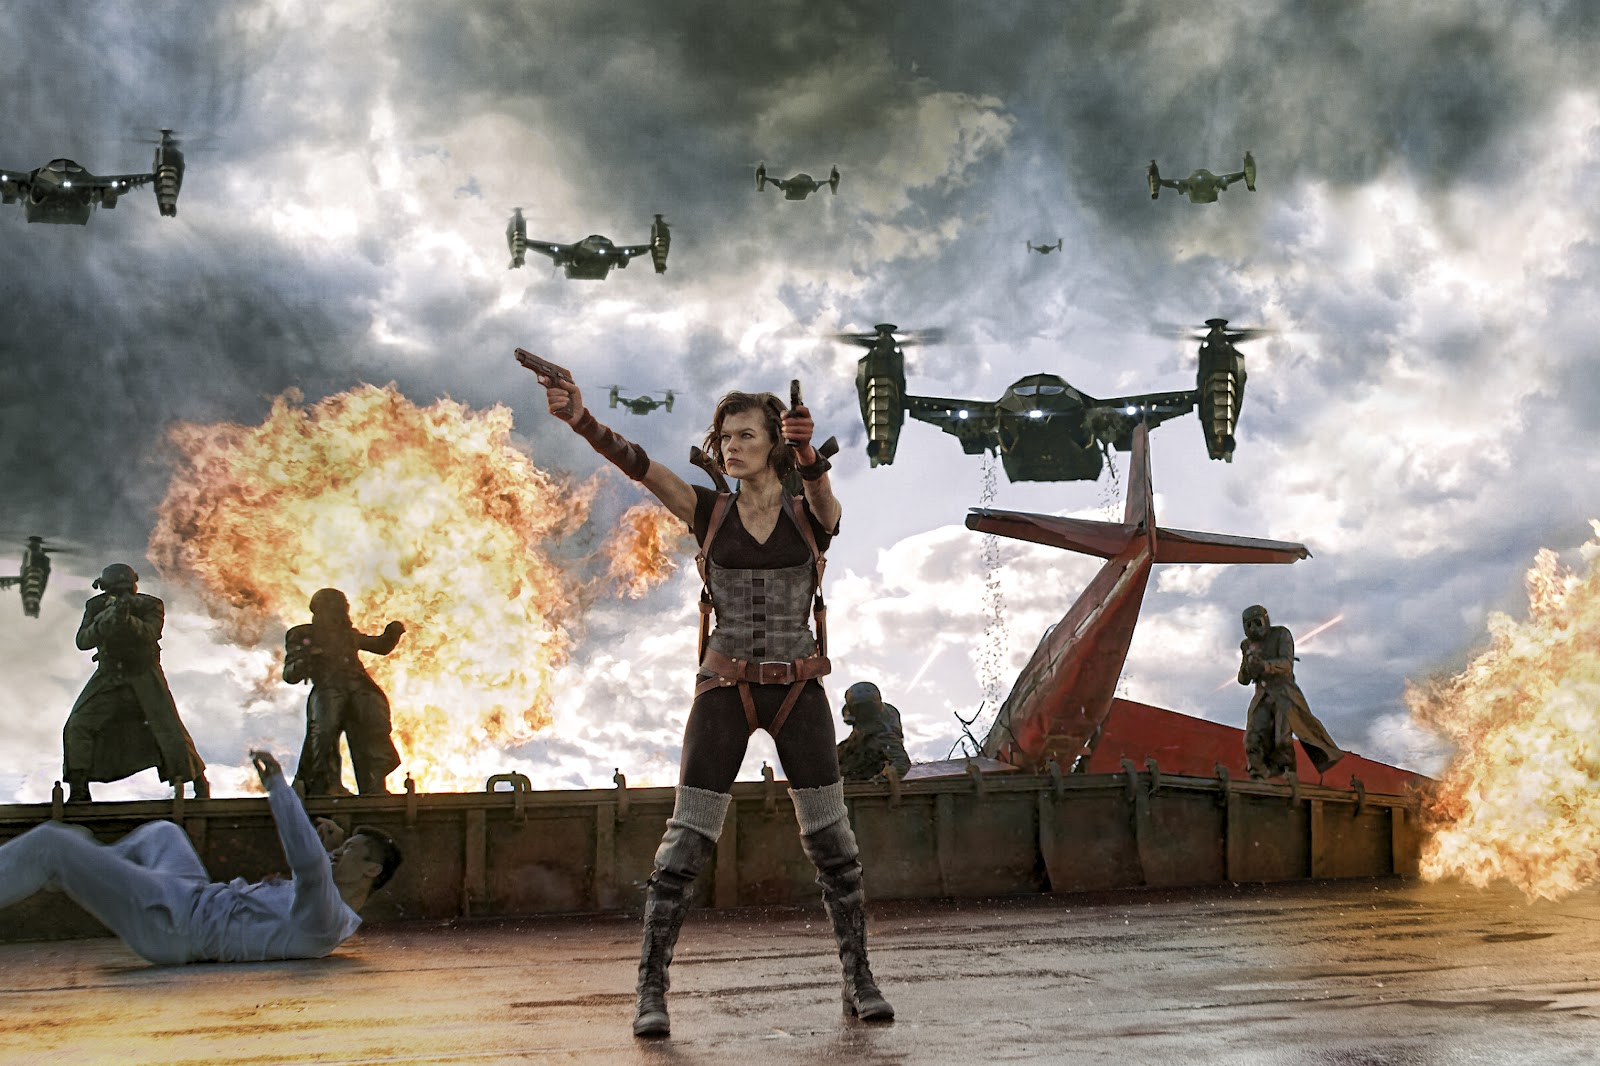 http://2.bp.blogspot.com/-tq-gNLl9yo8/T4WeR_h8kYI/AAAAAAAAXGM/bRHVXRjOrHw/s1600/resident-evil-retribution-image.jpg